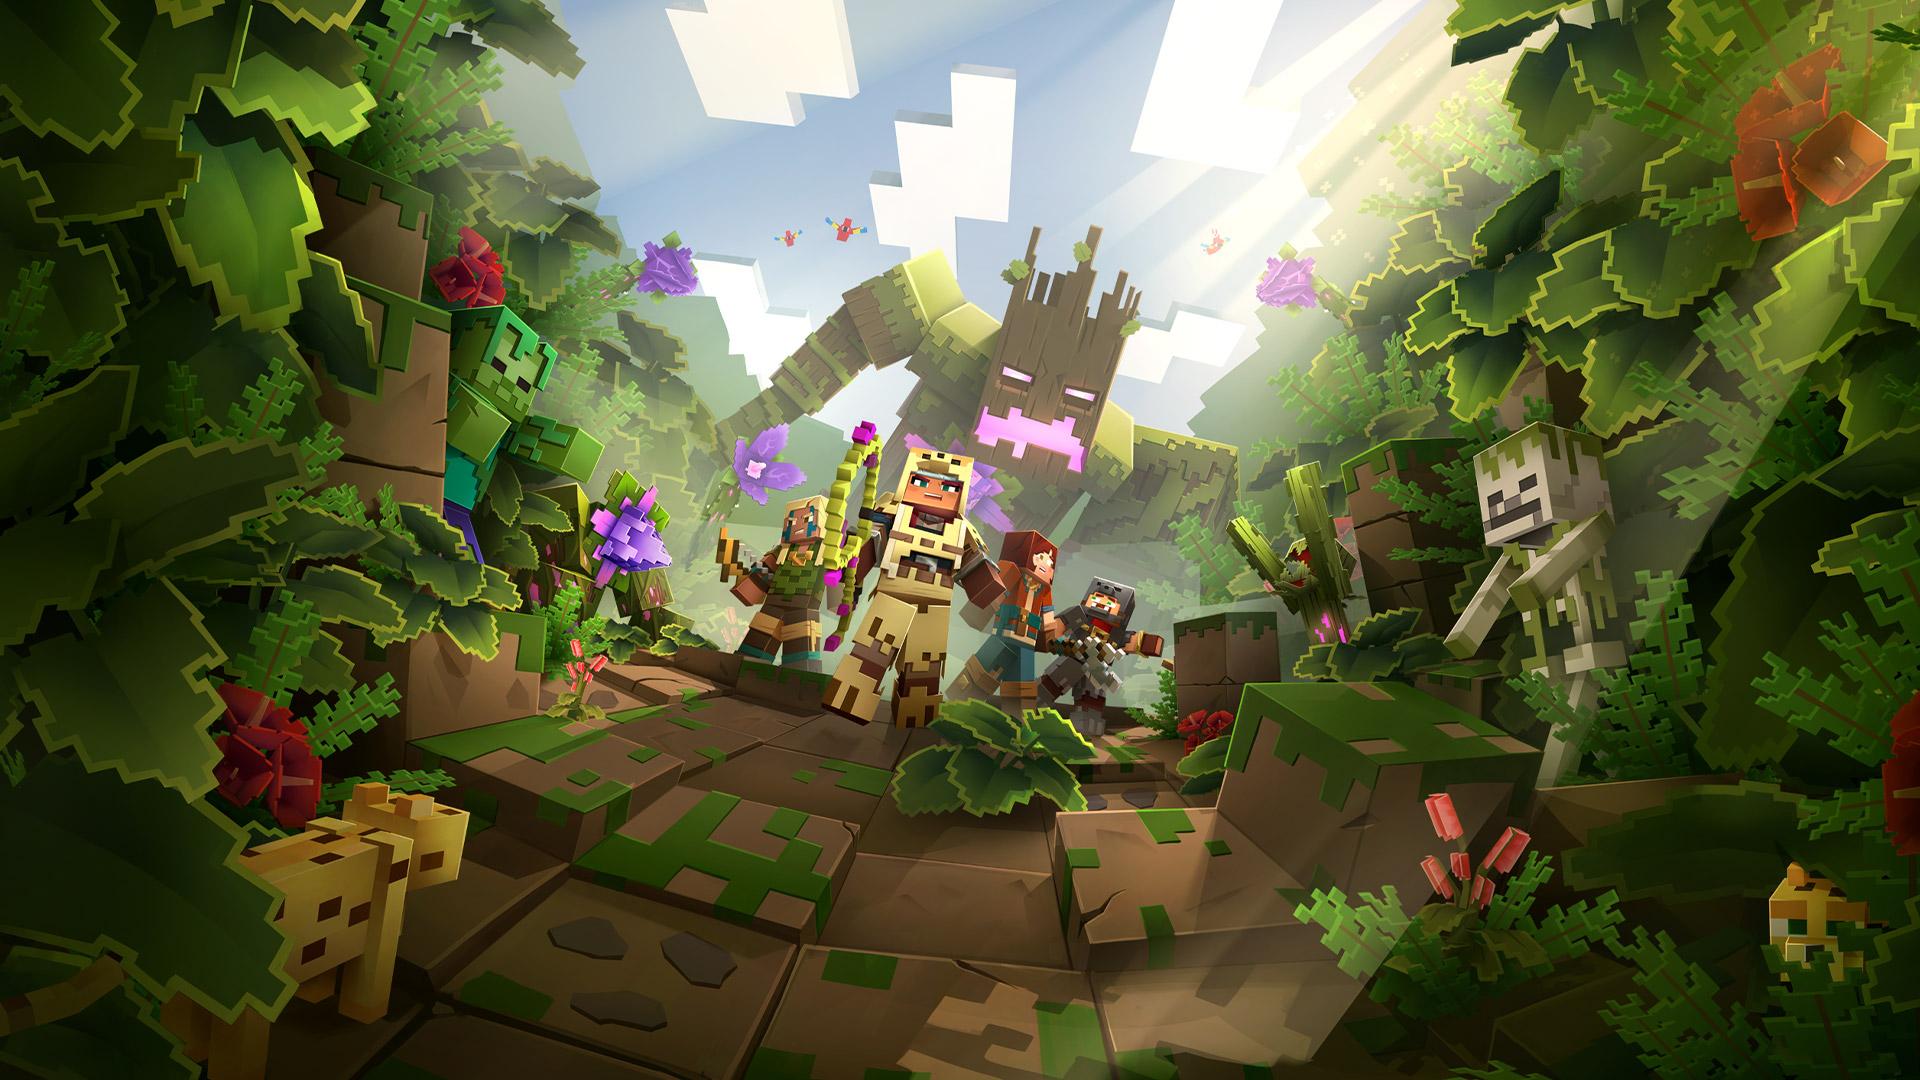 Minecraft Dungeons Wallpaper in 1920x1080